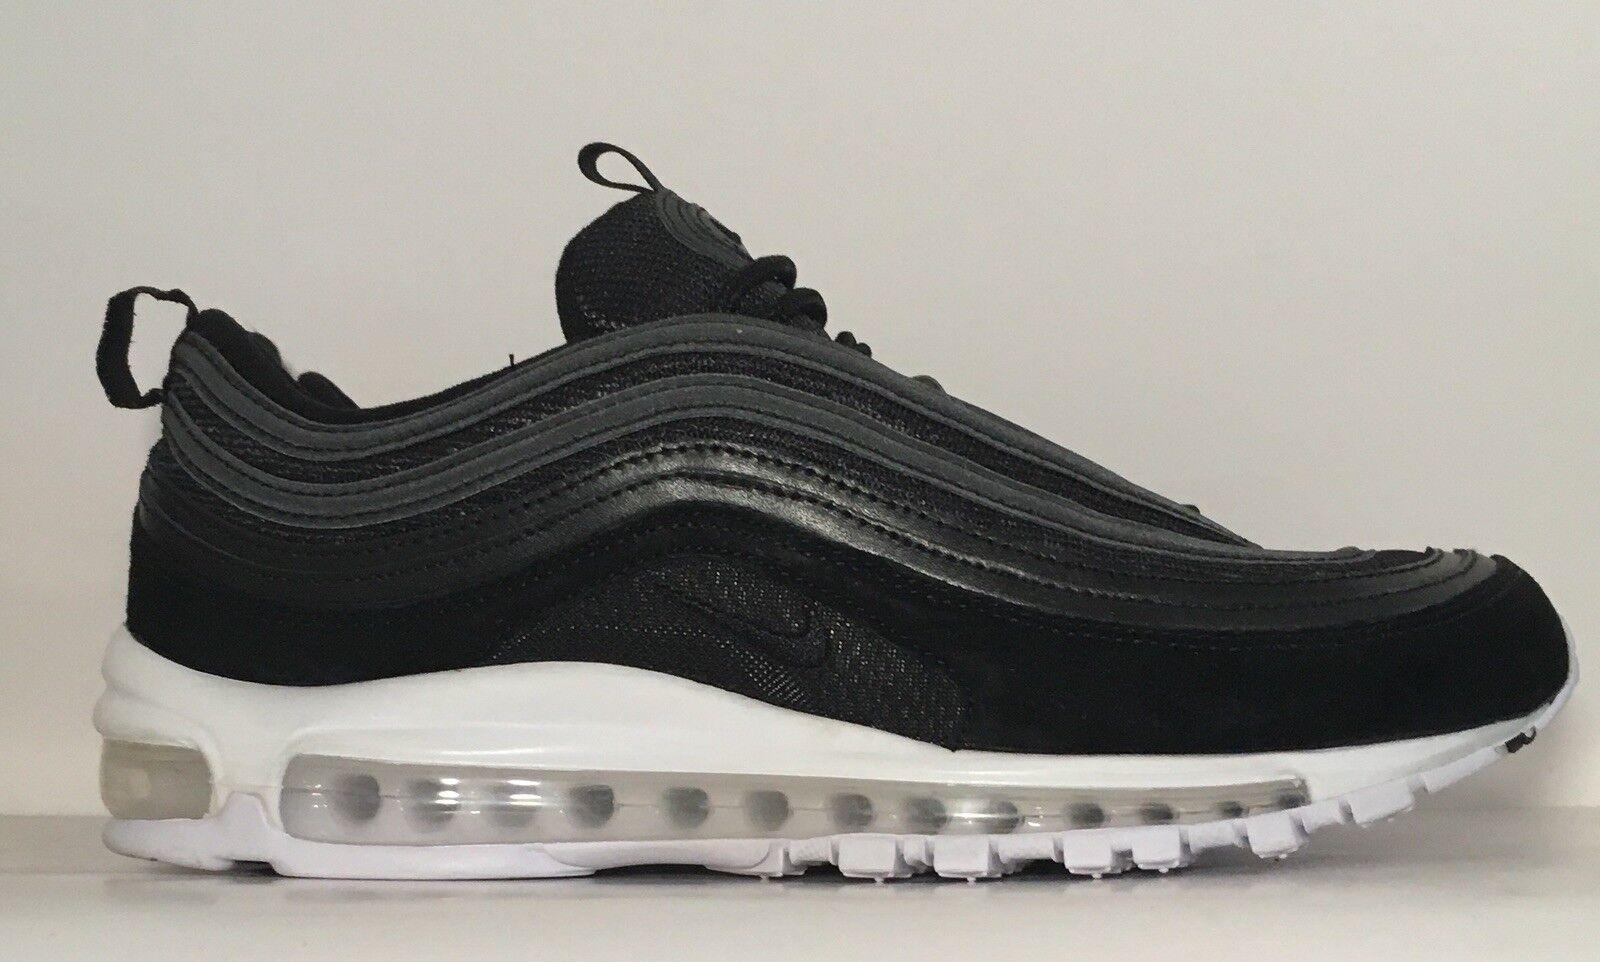 Sz.10 nike air max 97 921826-003 schwarz schwarz schwarz / schwarzWeiß 4a9a8c